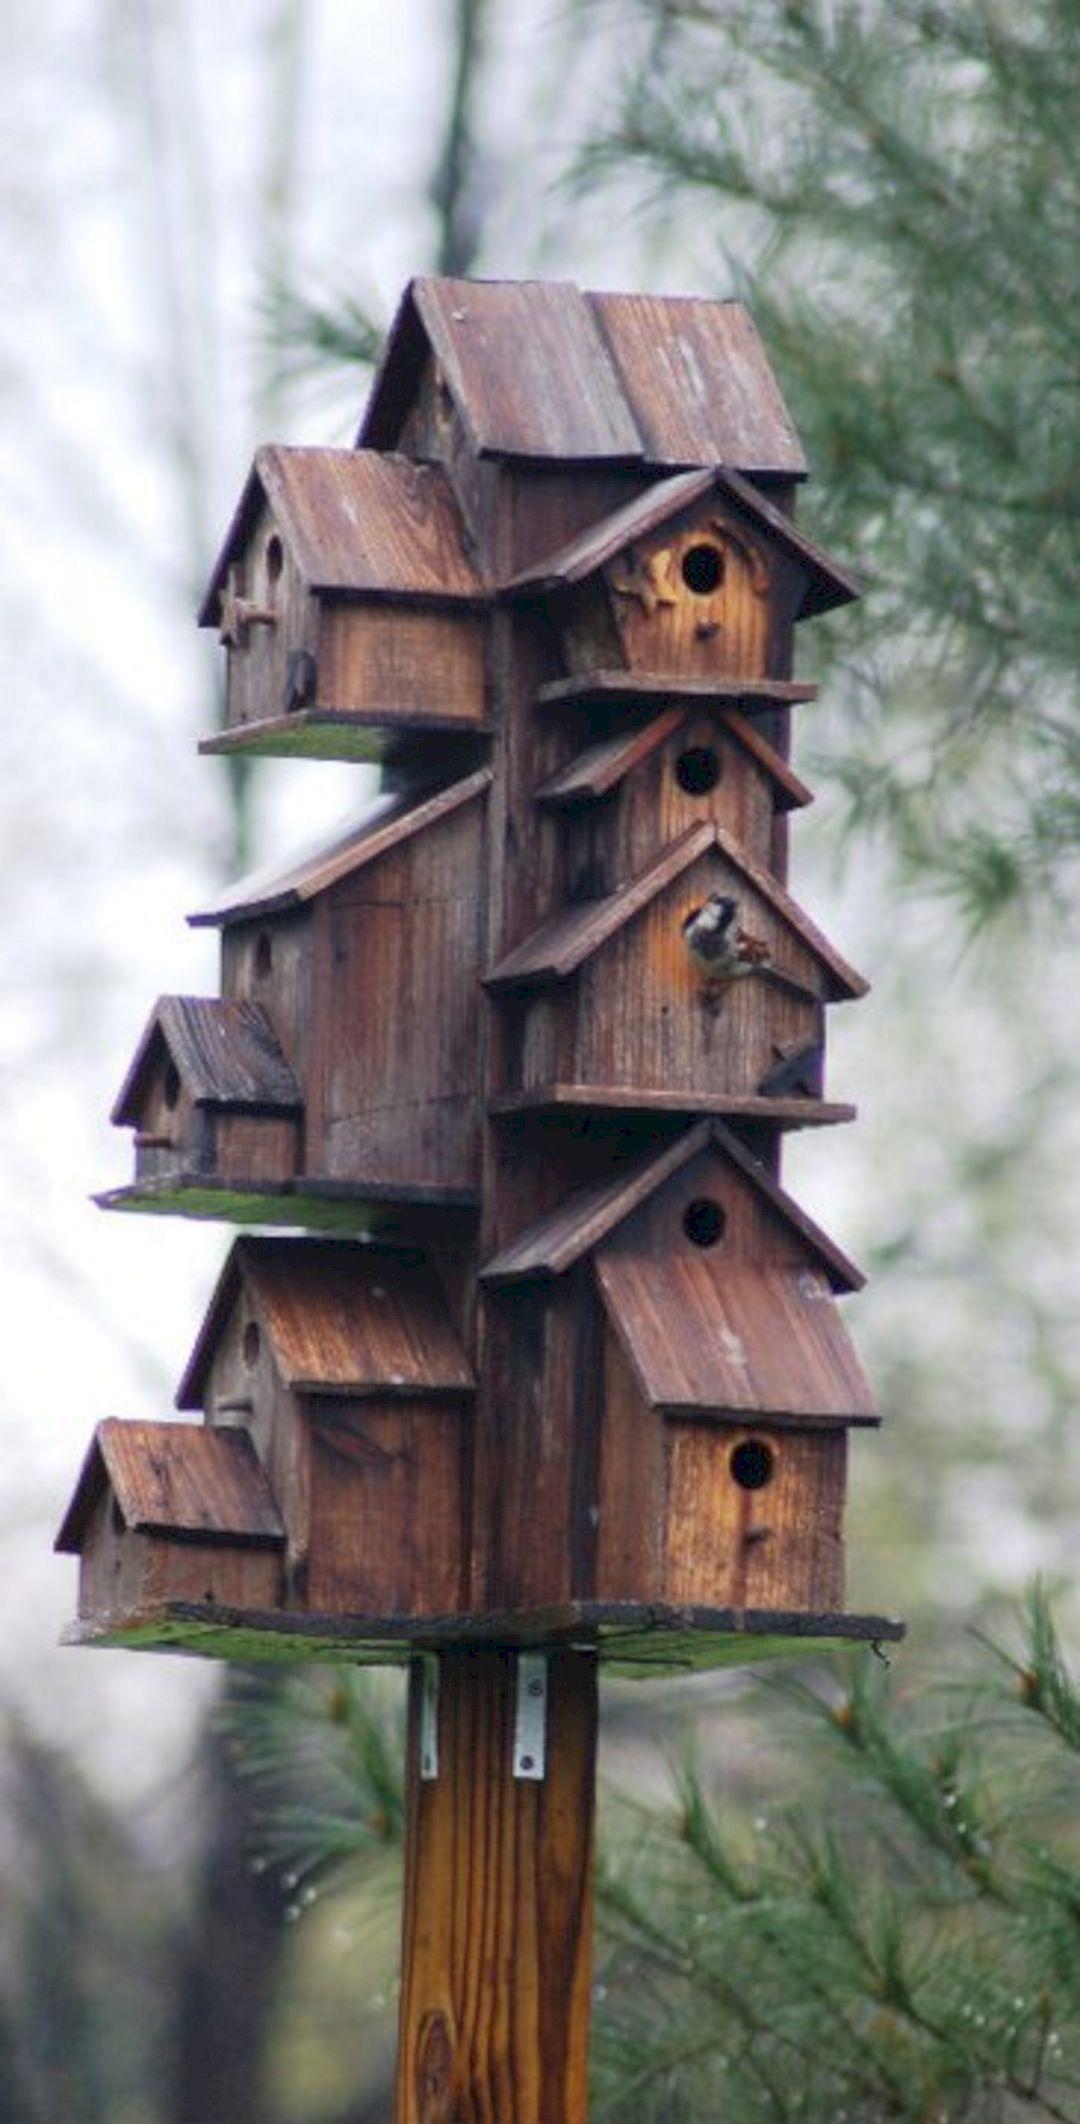 Best Garden Birdhouse Design Ideas (Best Garden Birdhouse Design Ideas) design ideas and photos #birdhouses